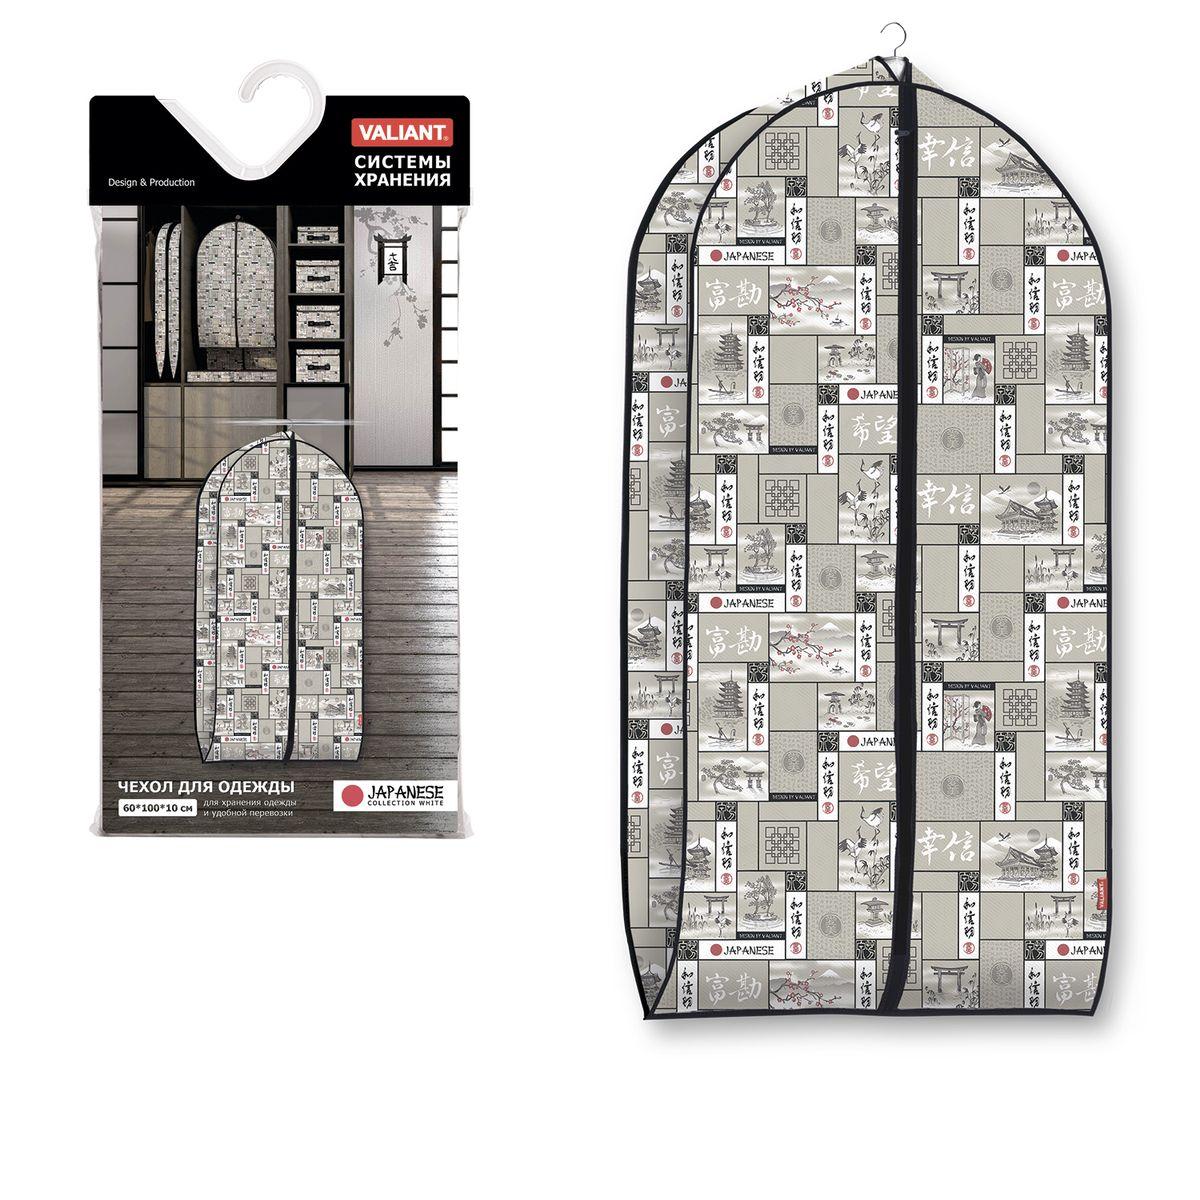 Чехол для одежды Valiant Japanese White, объемный, 60 х 100 х 10 смJW-CV-100